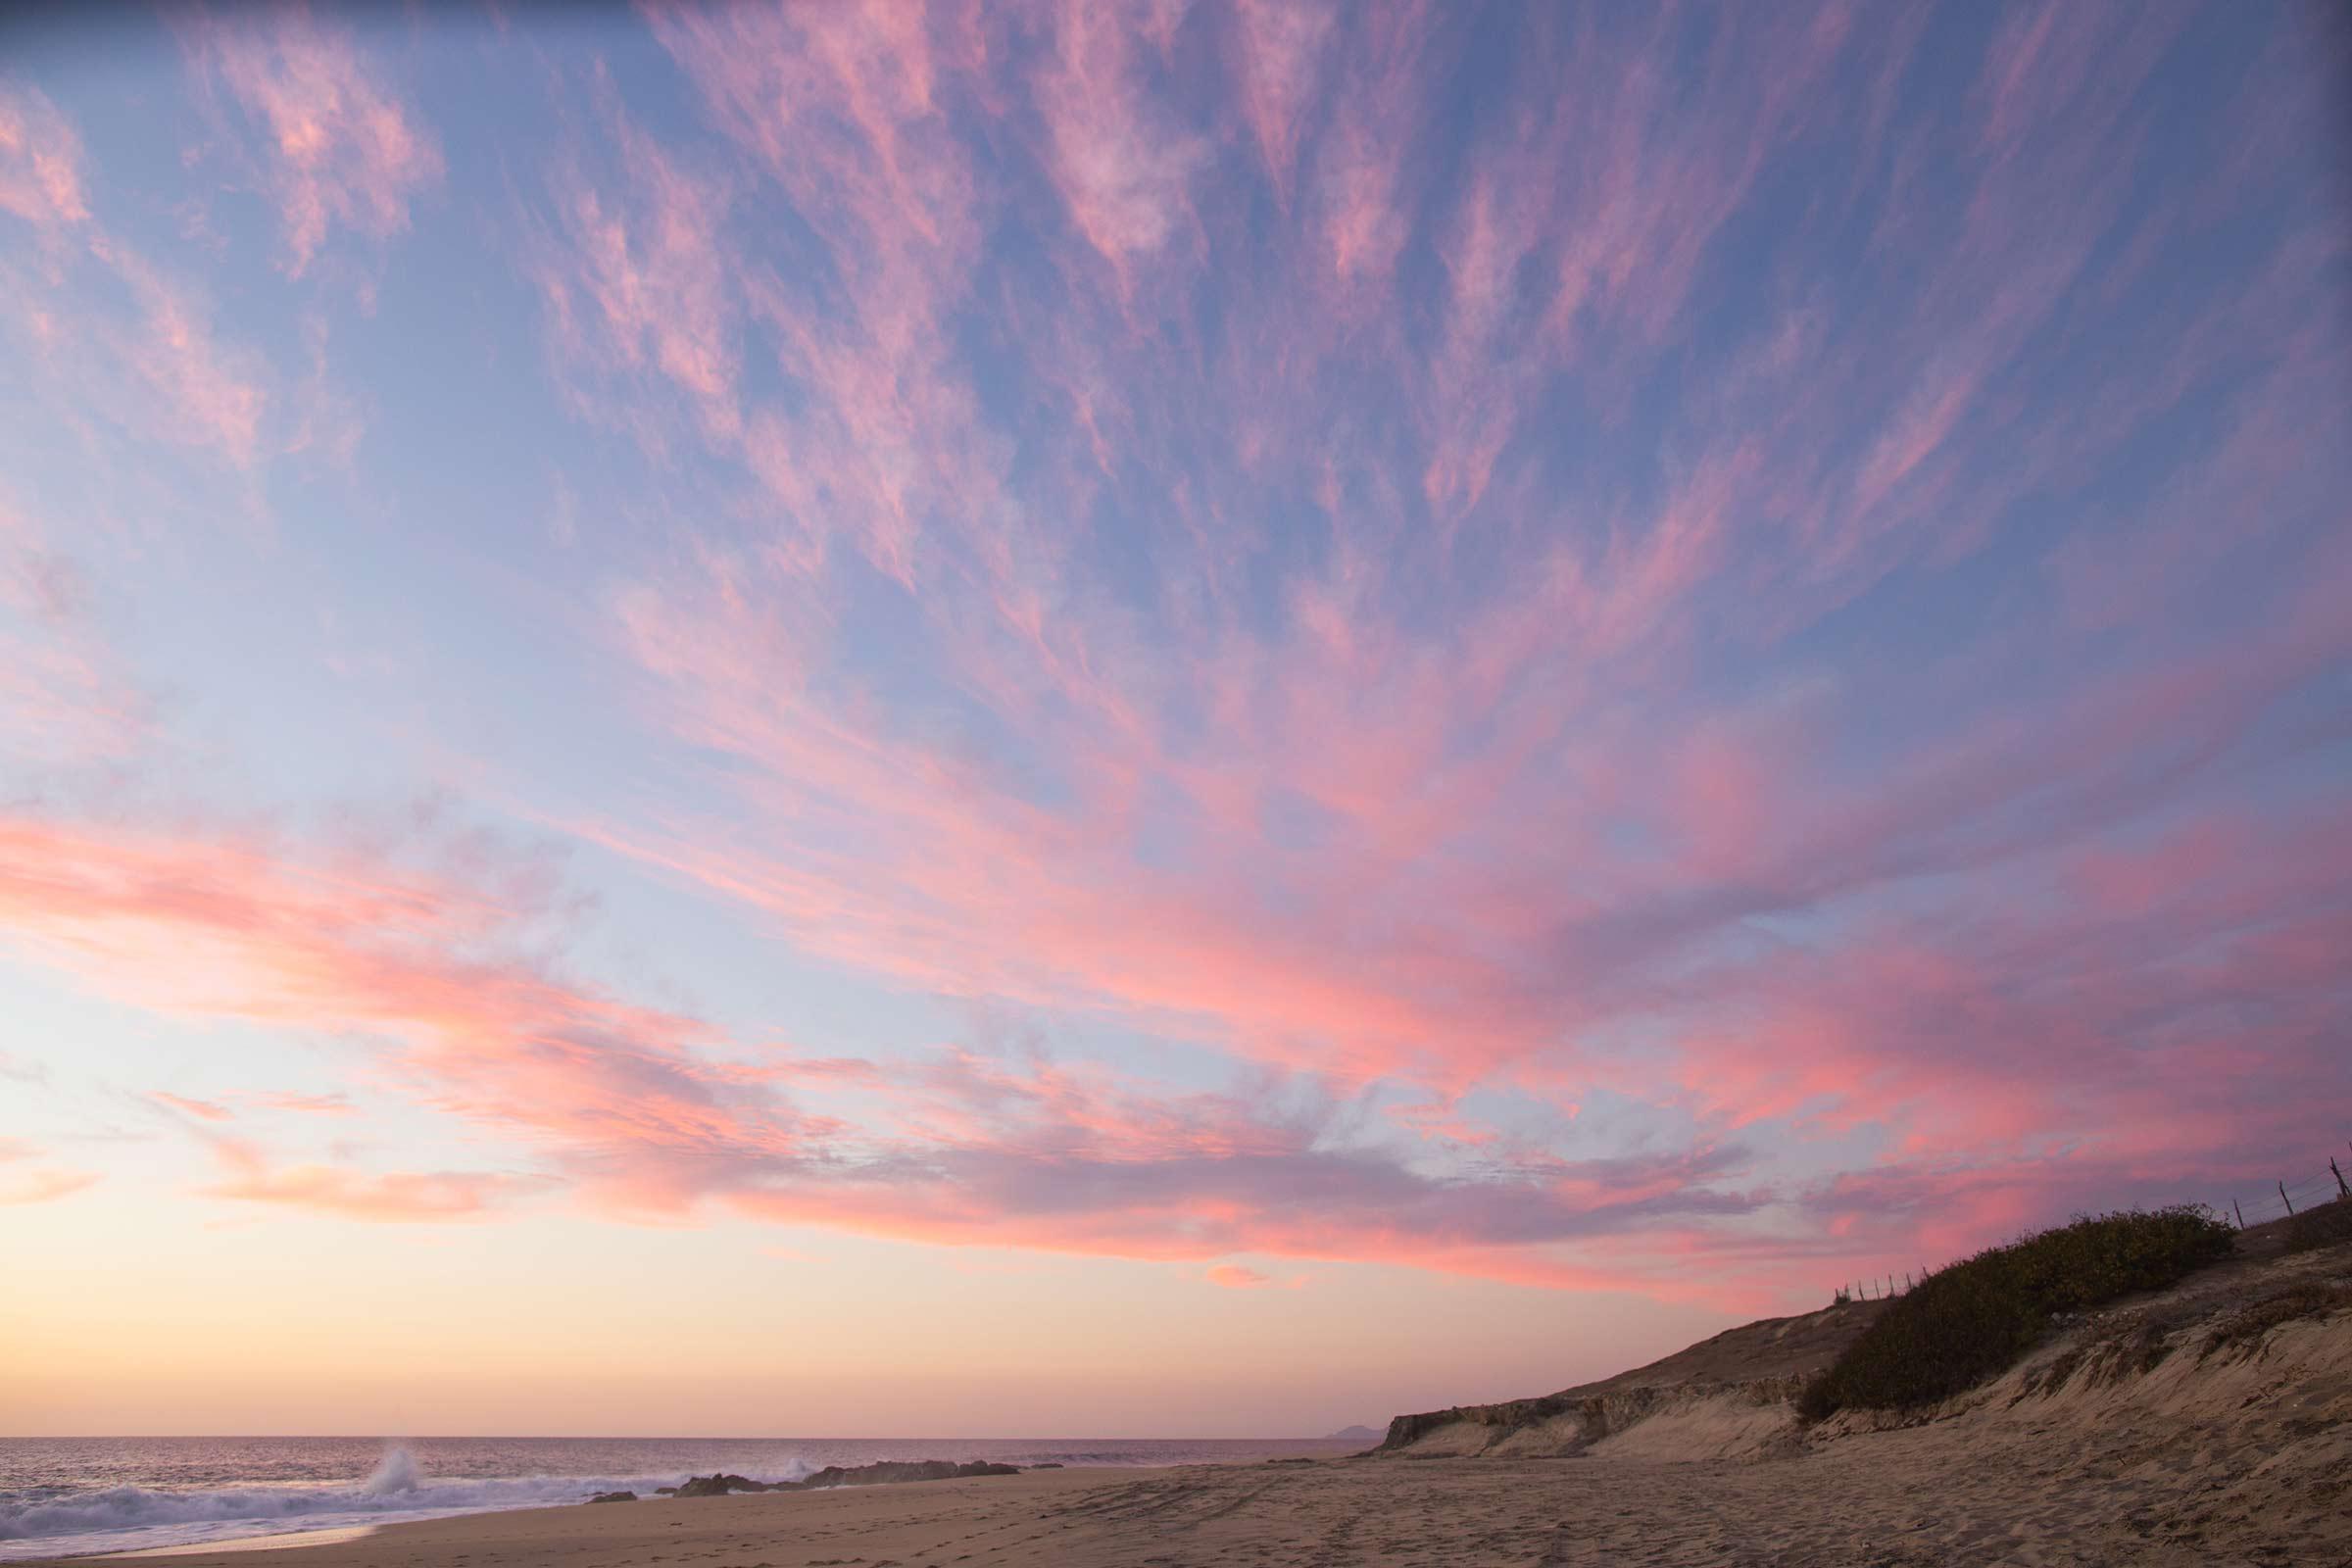 sunset-from-beach.jpg